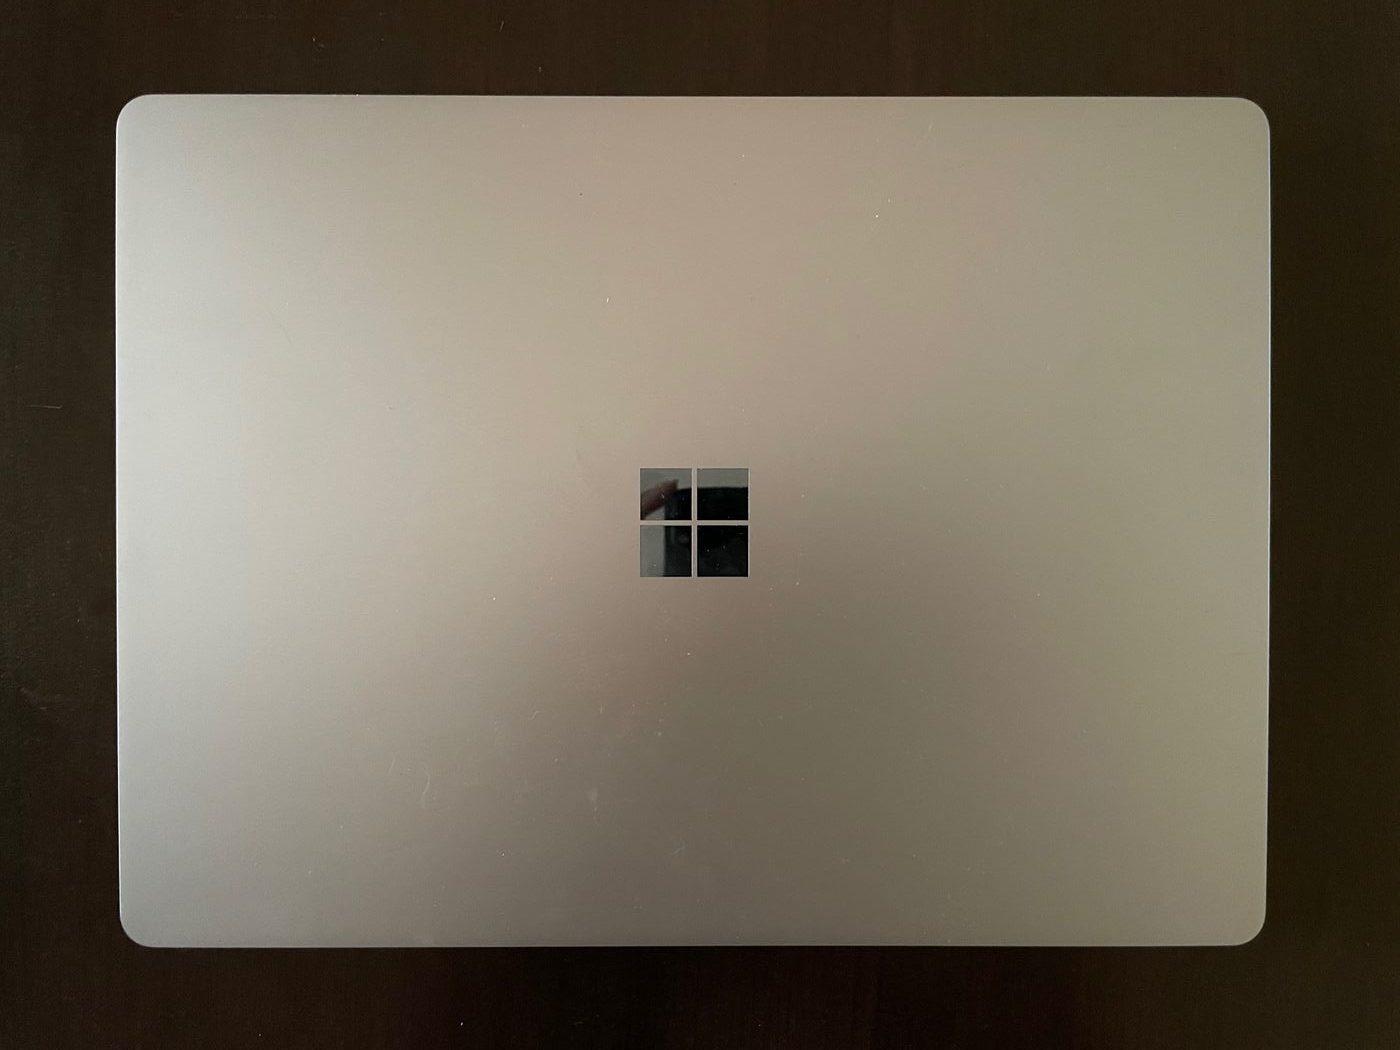 Surface Laptop Go 4